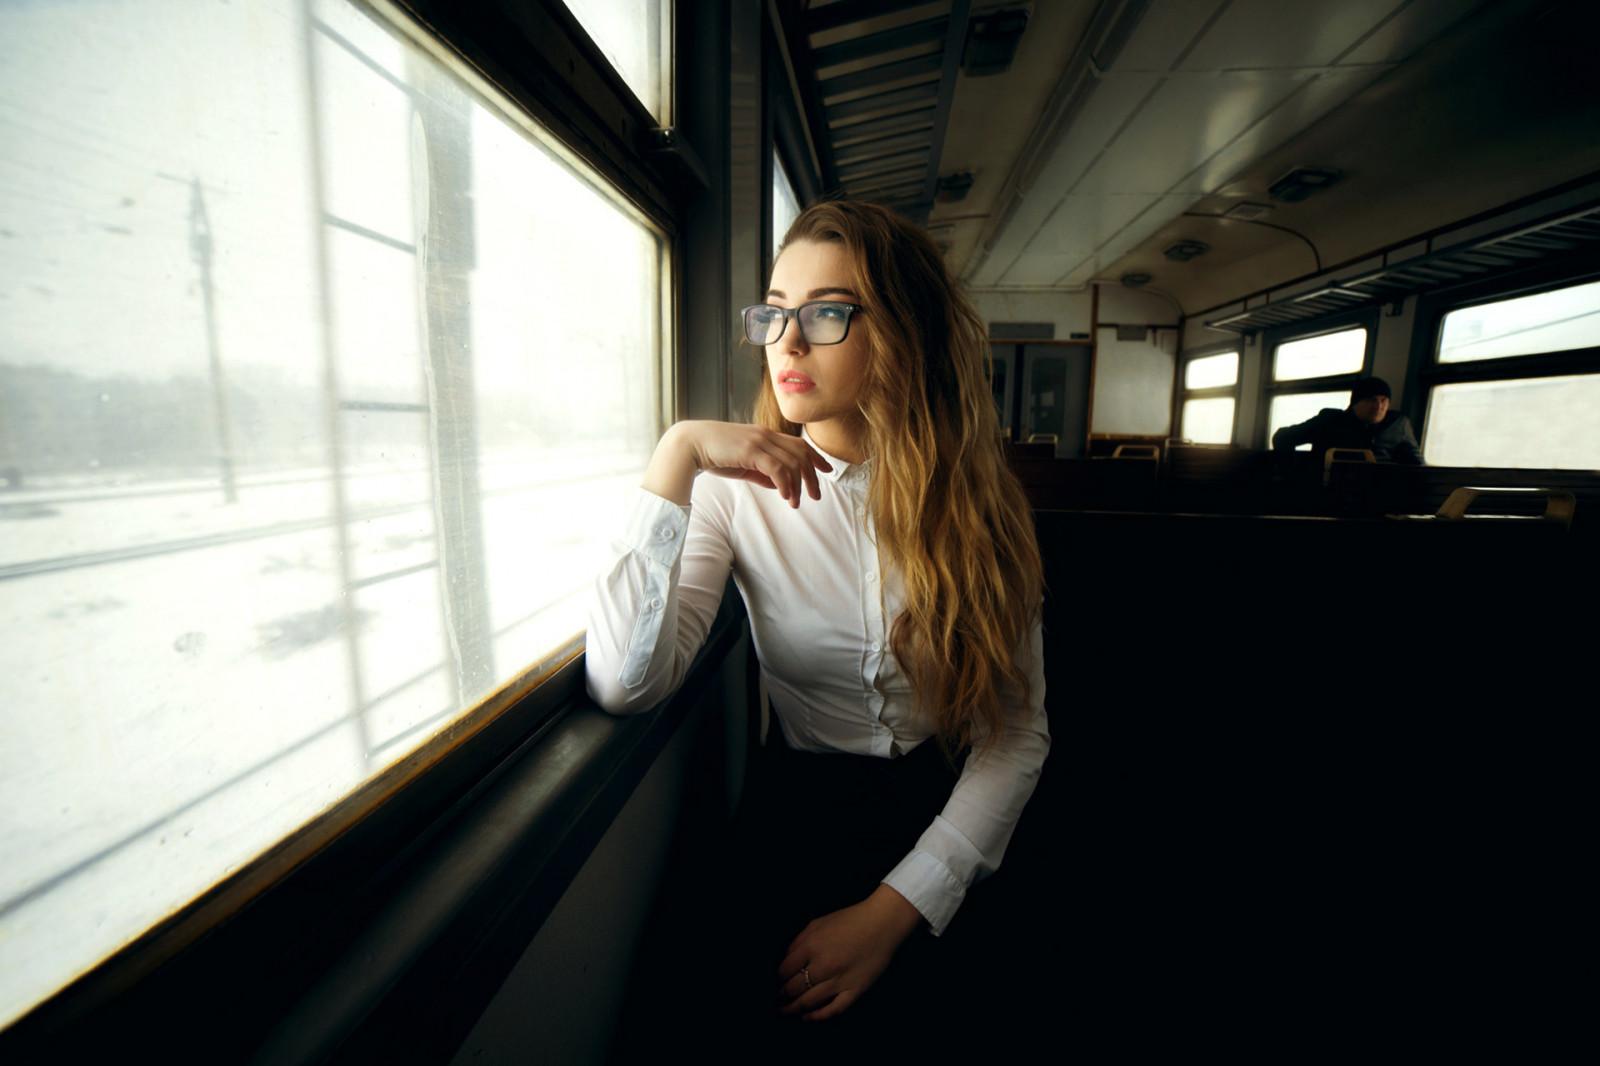 фото крупных женских поезд историки отмечали